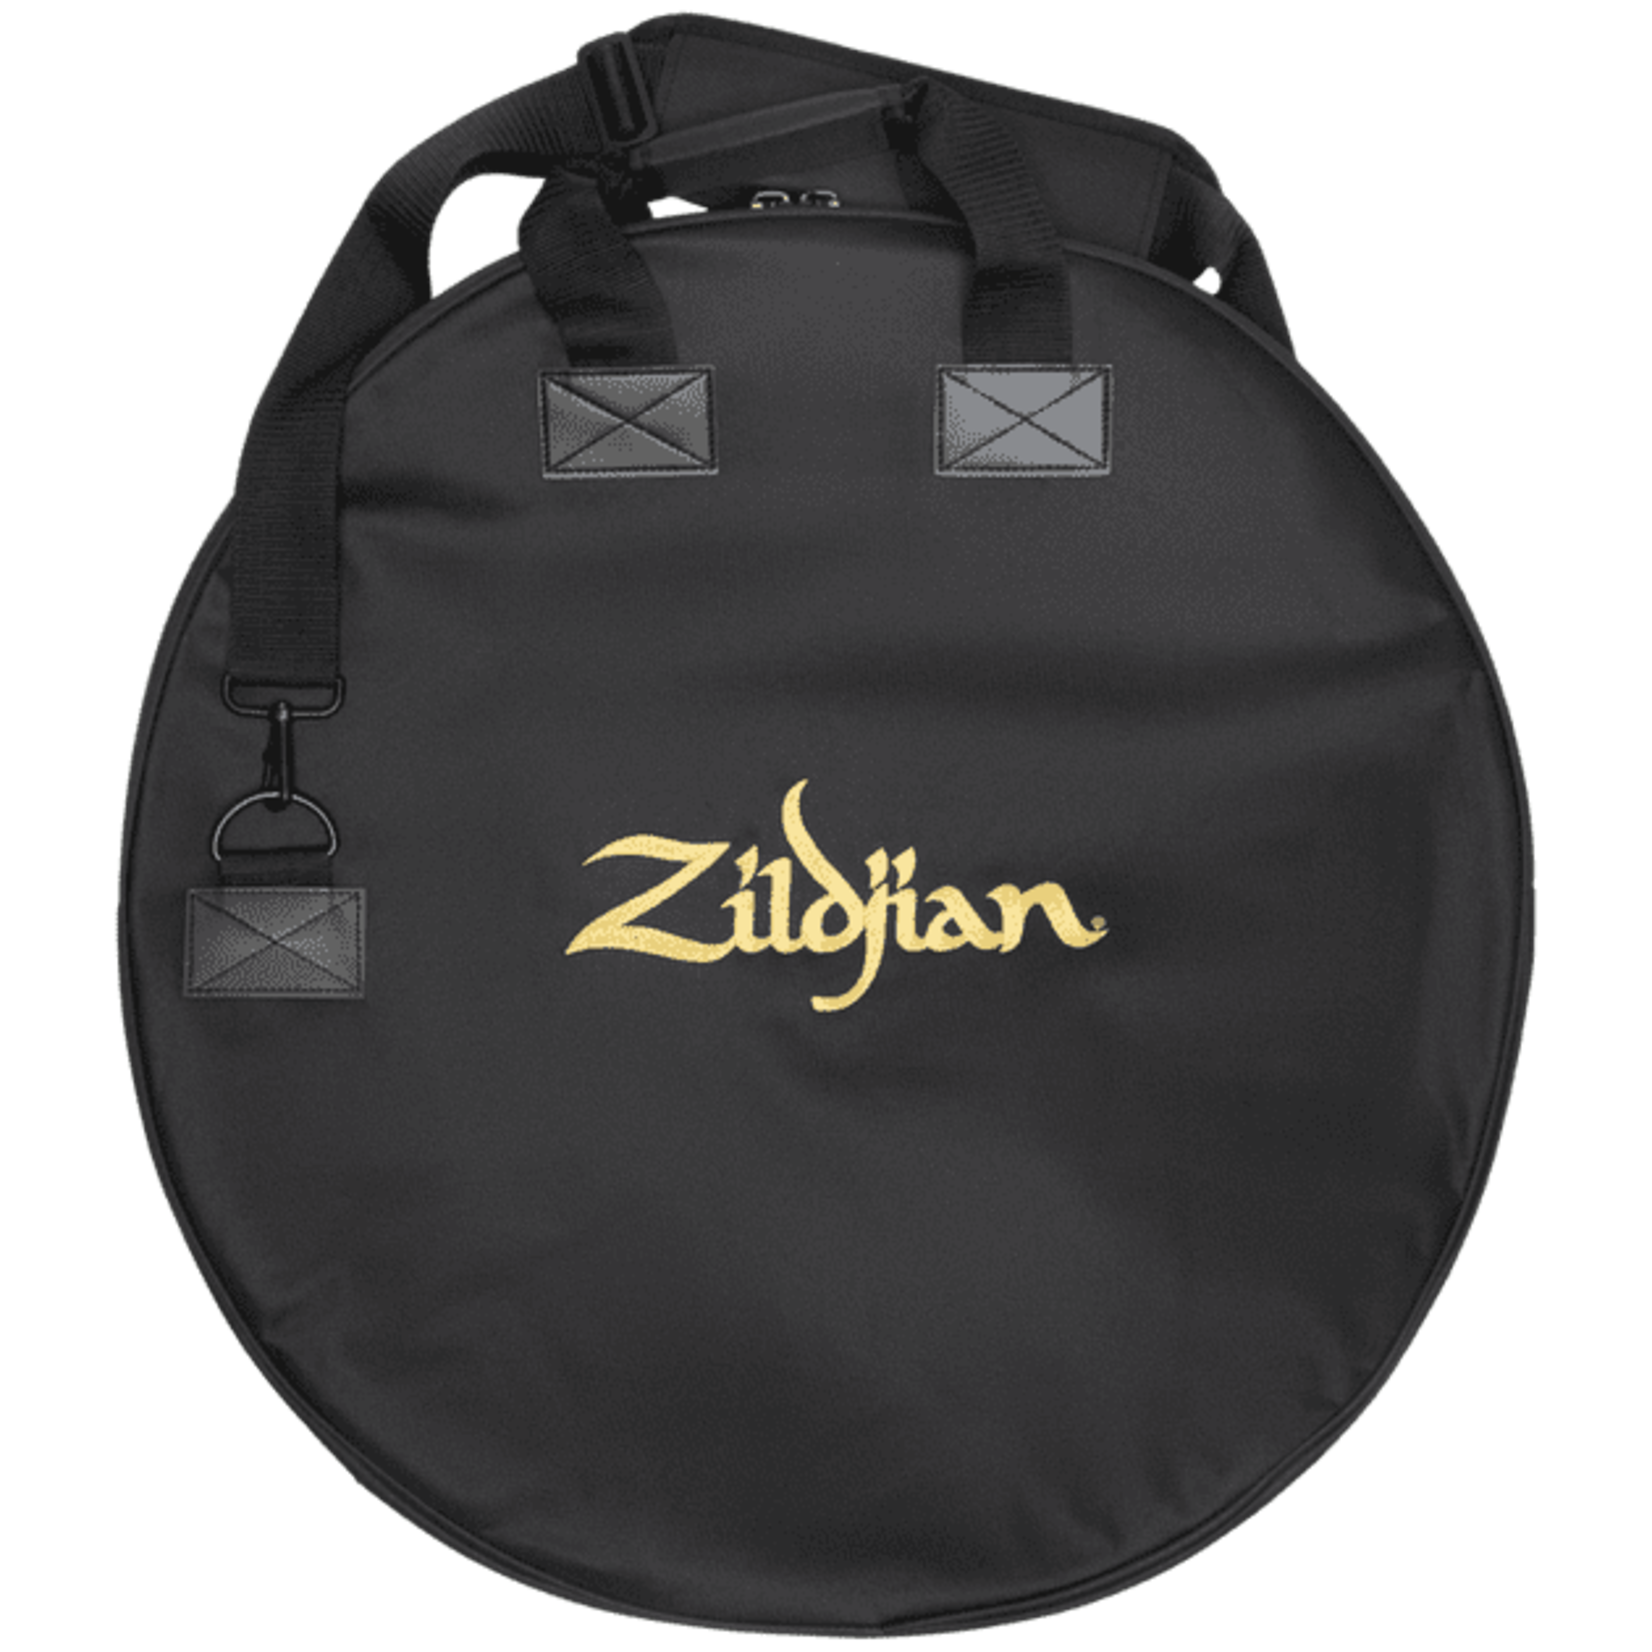 """Zildjian Zildjian 24"""" Deluxe Cymbal Bag"""